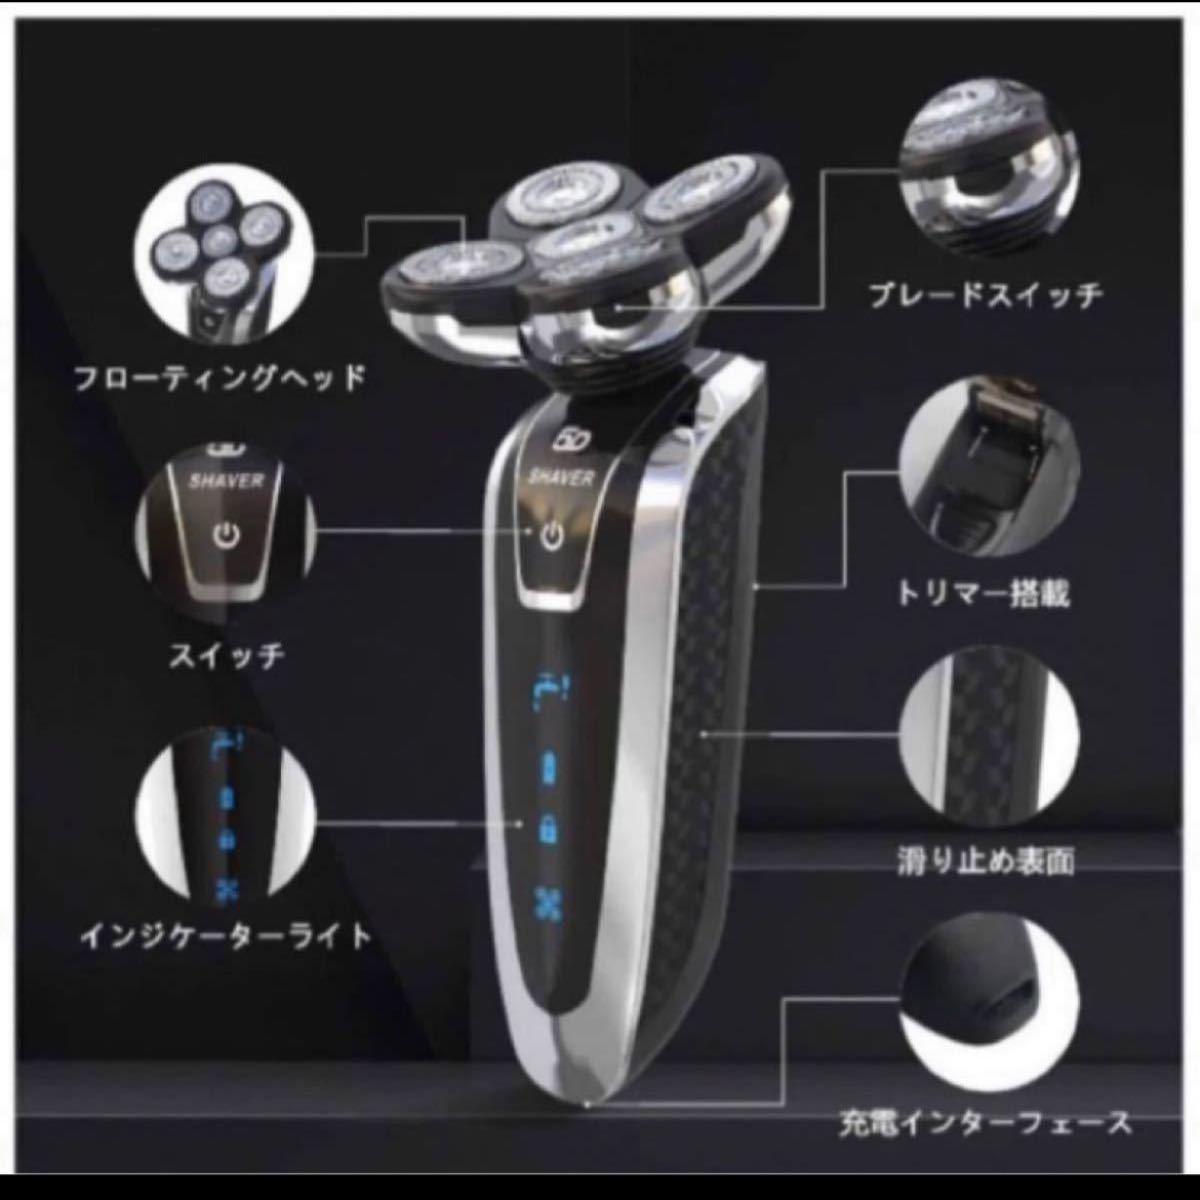 メンズ 電気シェーバー 5枚刃 髭剃り 電気カミソリ 5Dフローティングヘッド IPX7防水回転